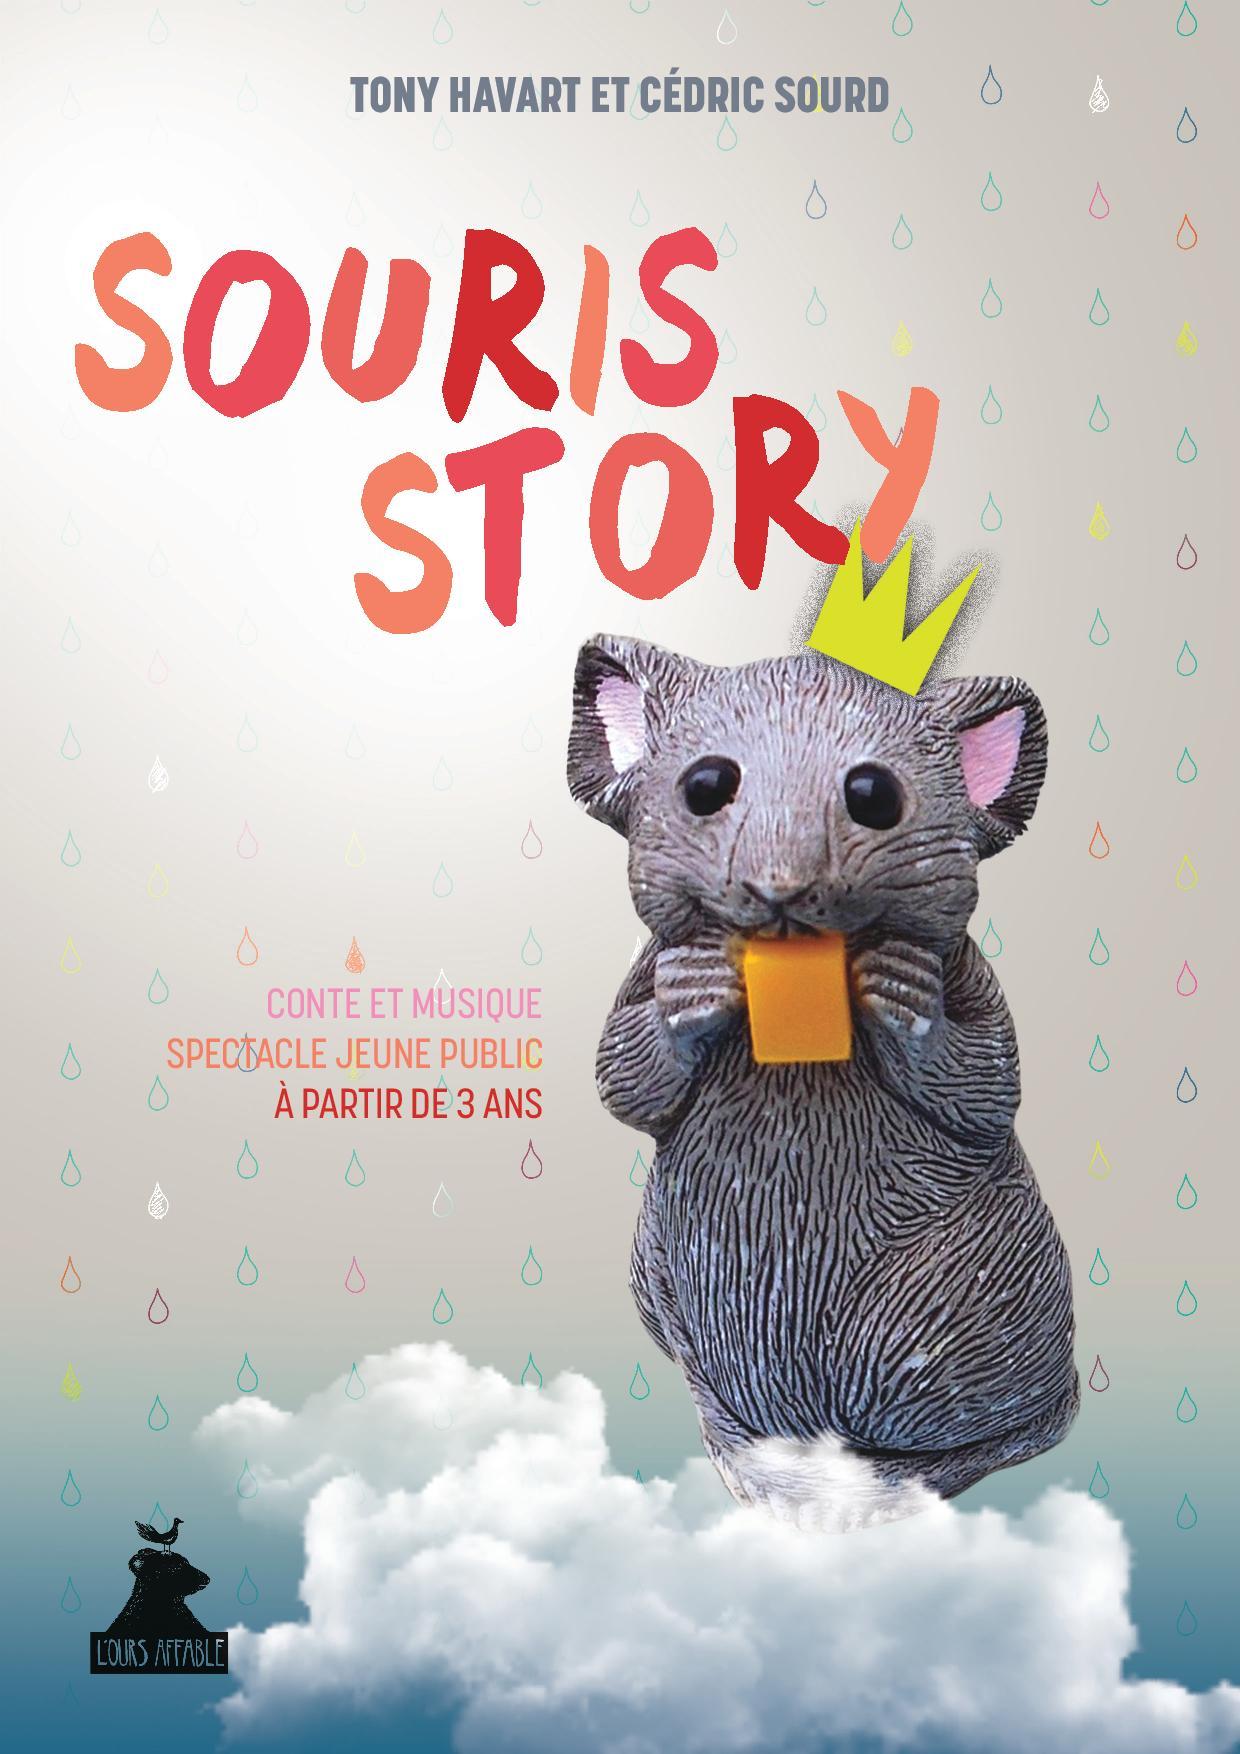 Souris Story - Loos (59) / Tony Havart & Cédric Sourd / Médiathèque